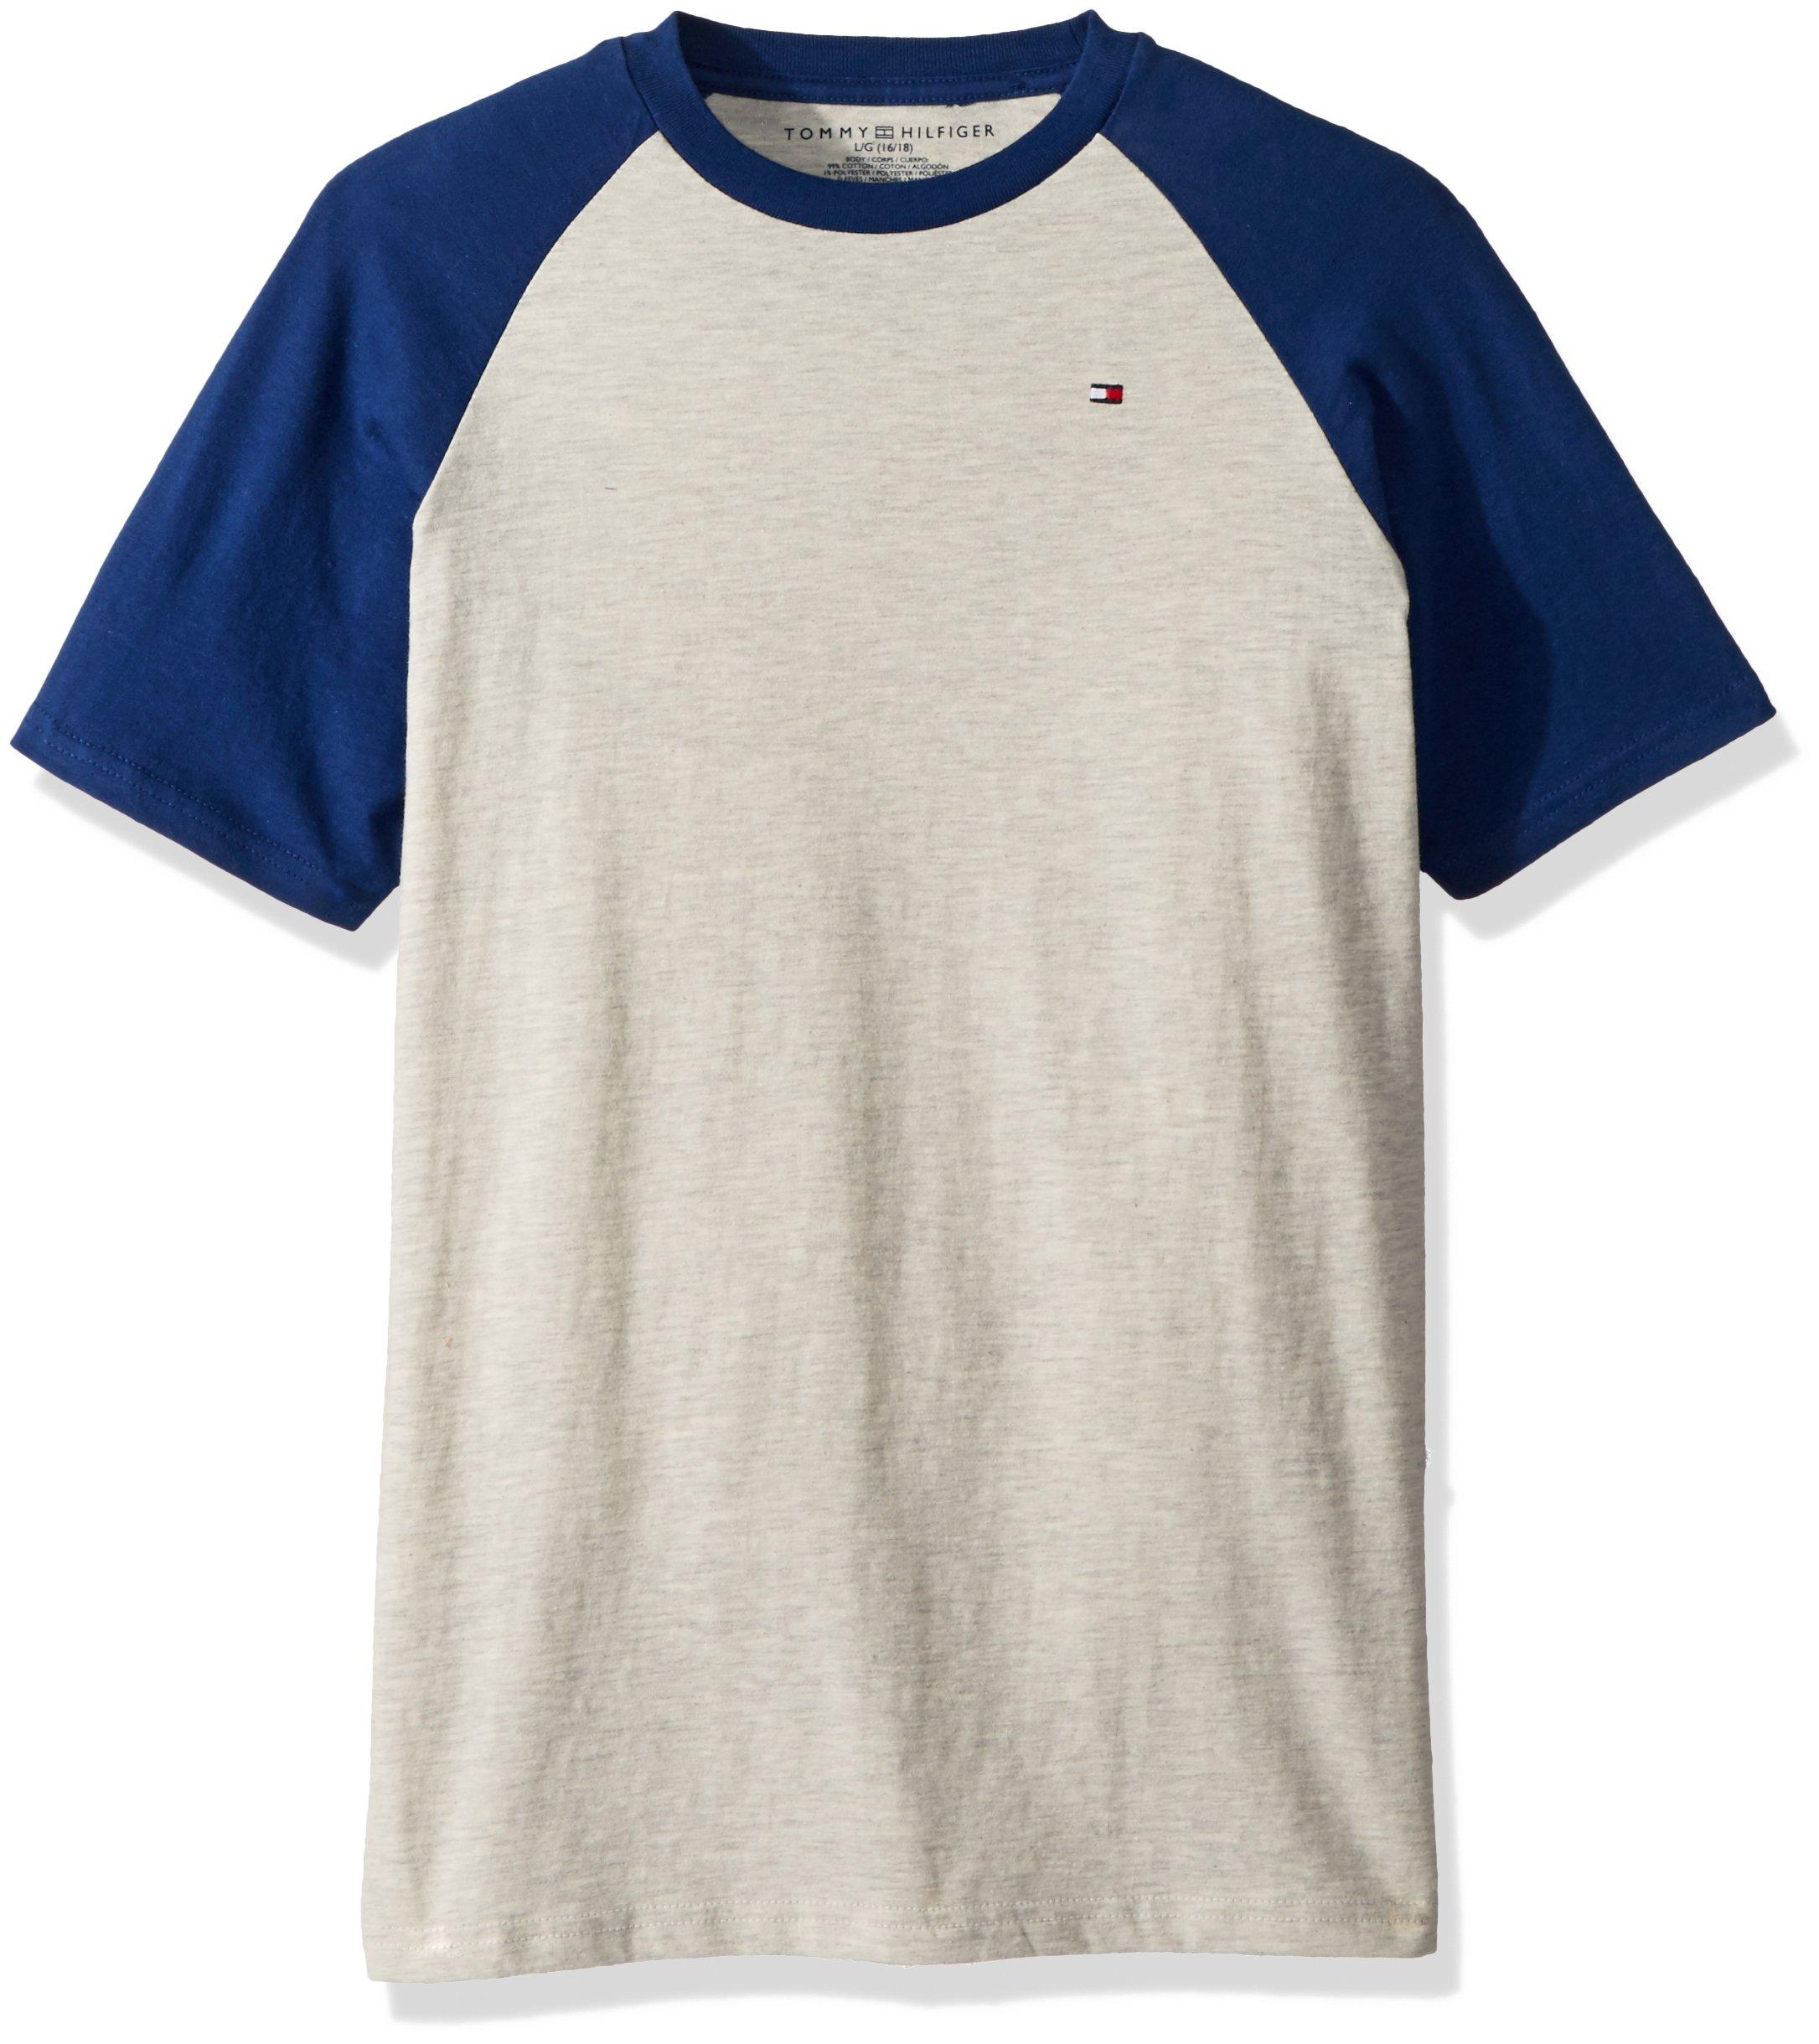 ff648f439ffa Galleon - Tommy Hilfiger Big Boys  Short Sleeve Raglan T-Shirt